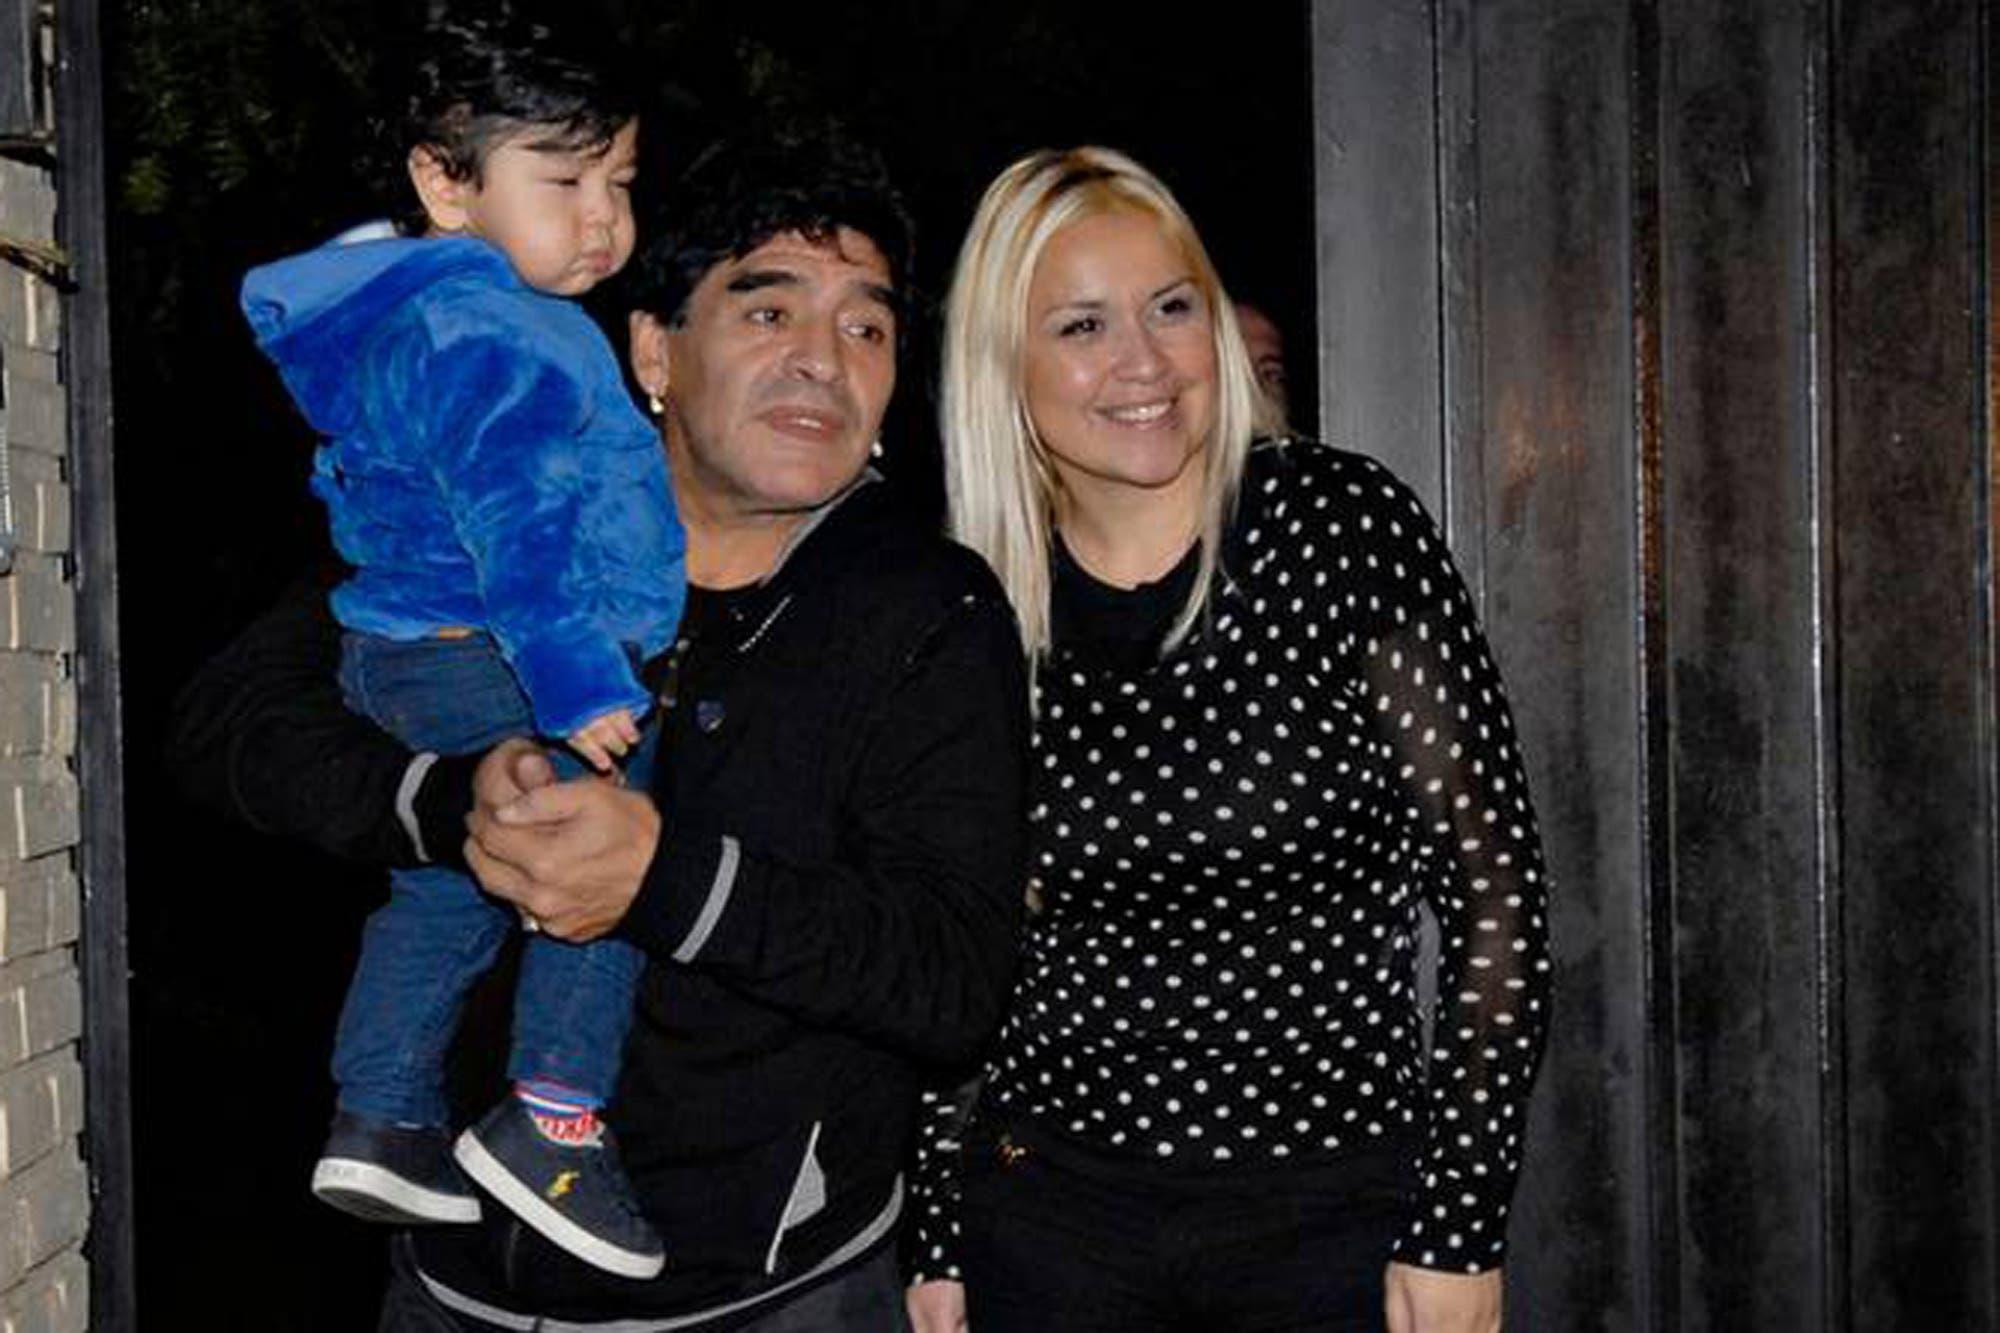 La muerte de Maradona: el último audio y un pedido especial de Diego para la pareja de Verónica Ojeda